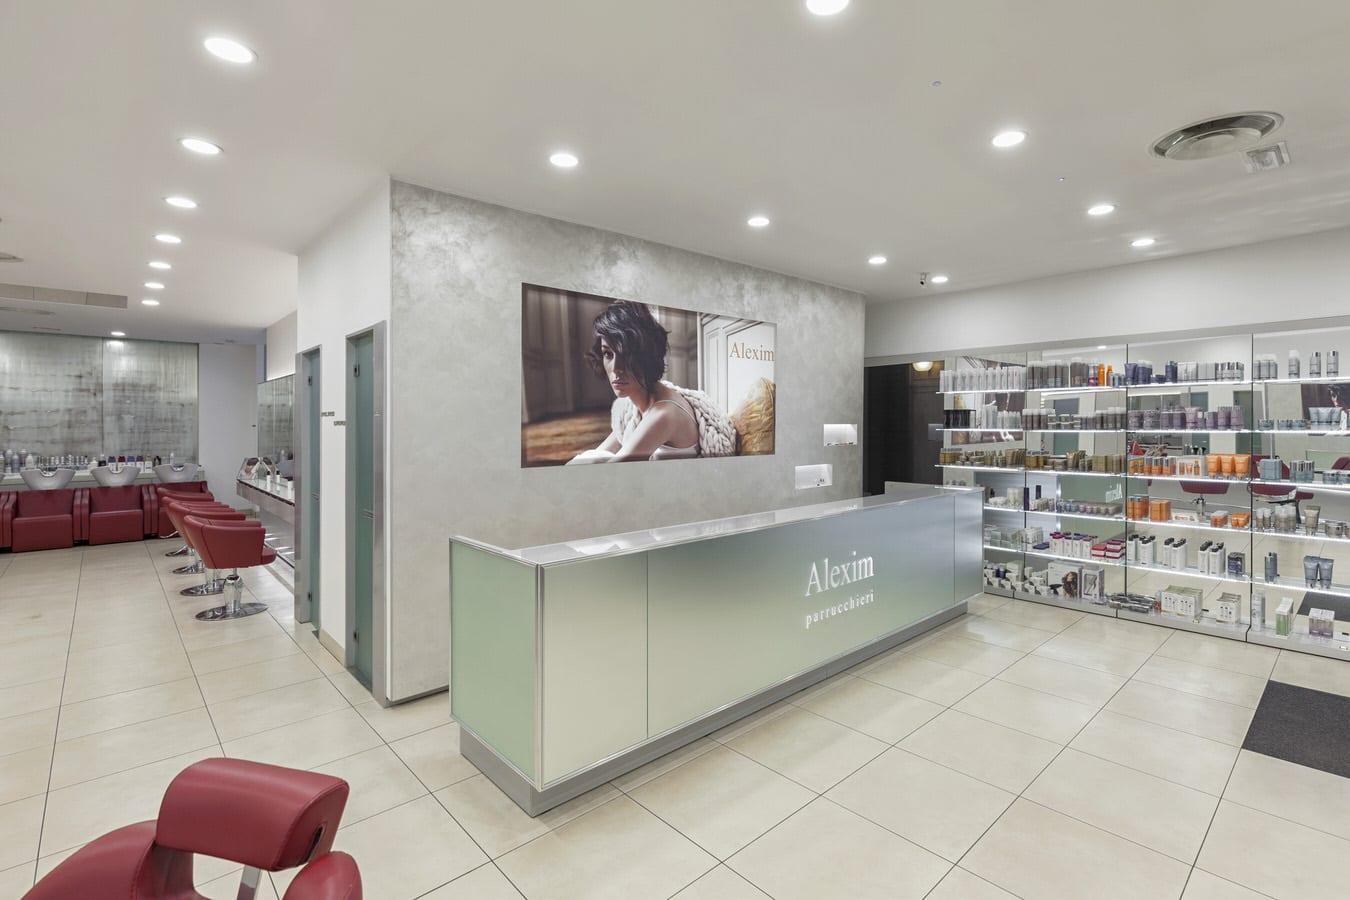 Centro estetico Milano Alexim capelli estetica